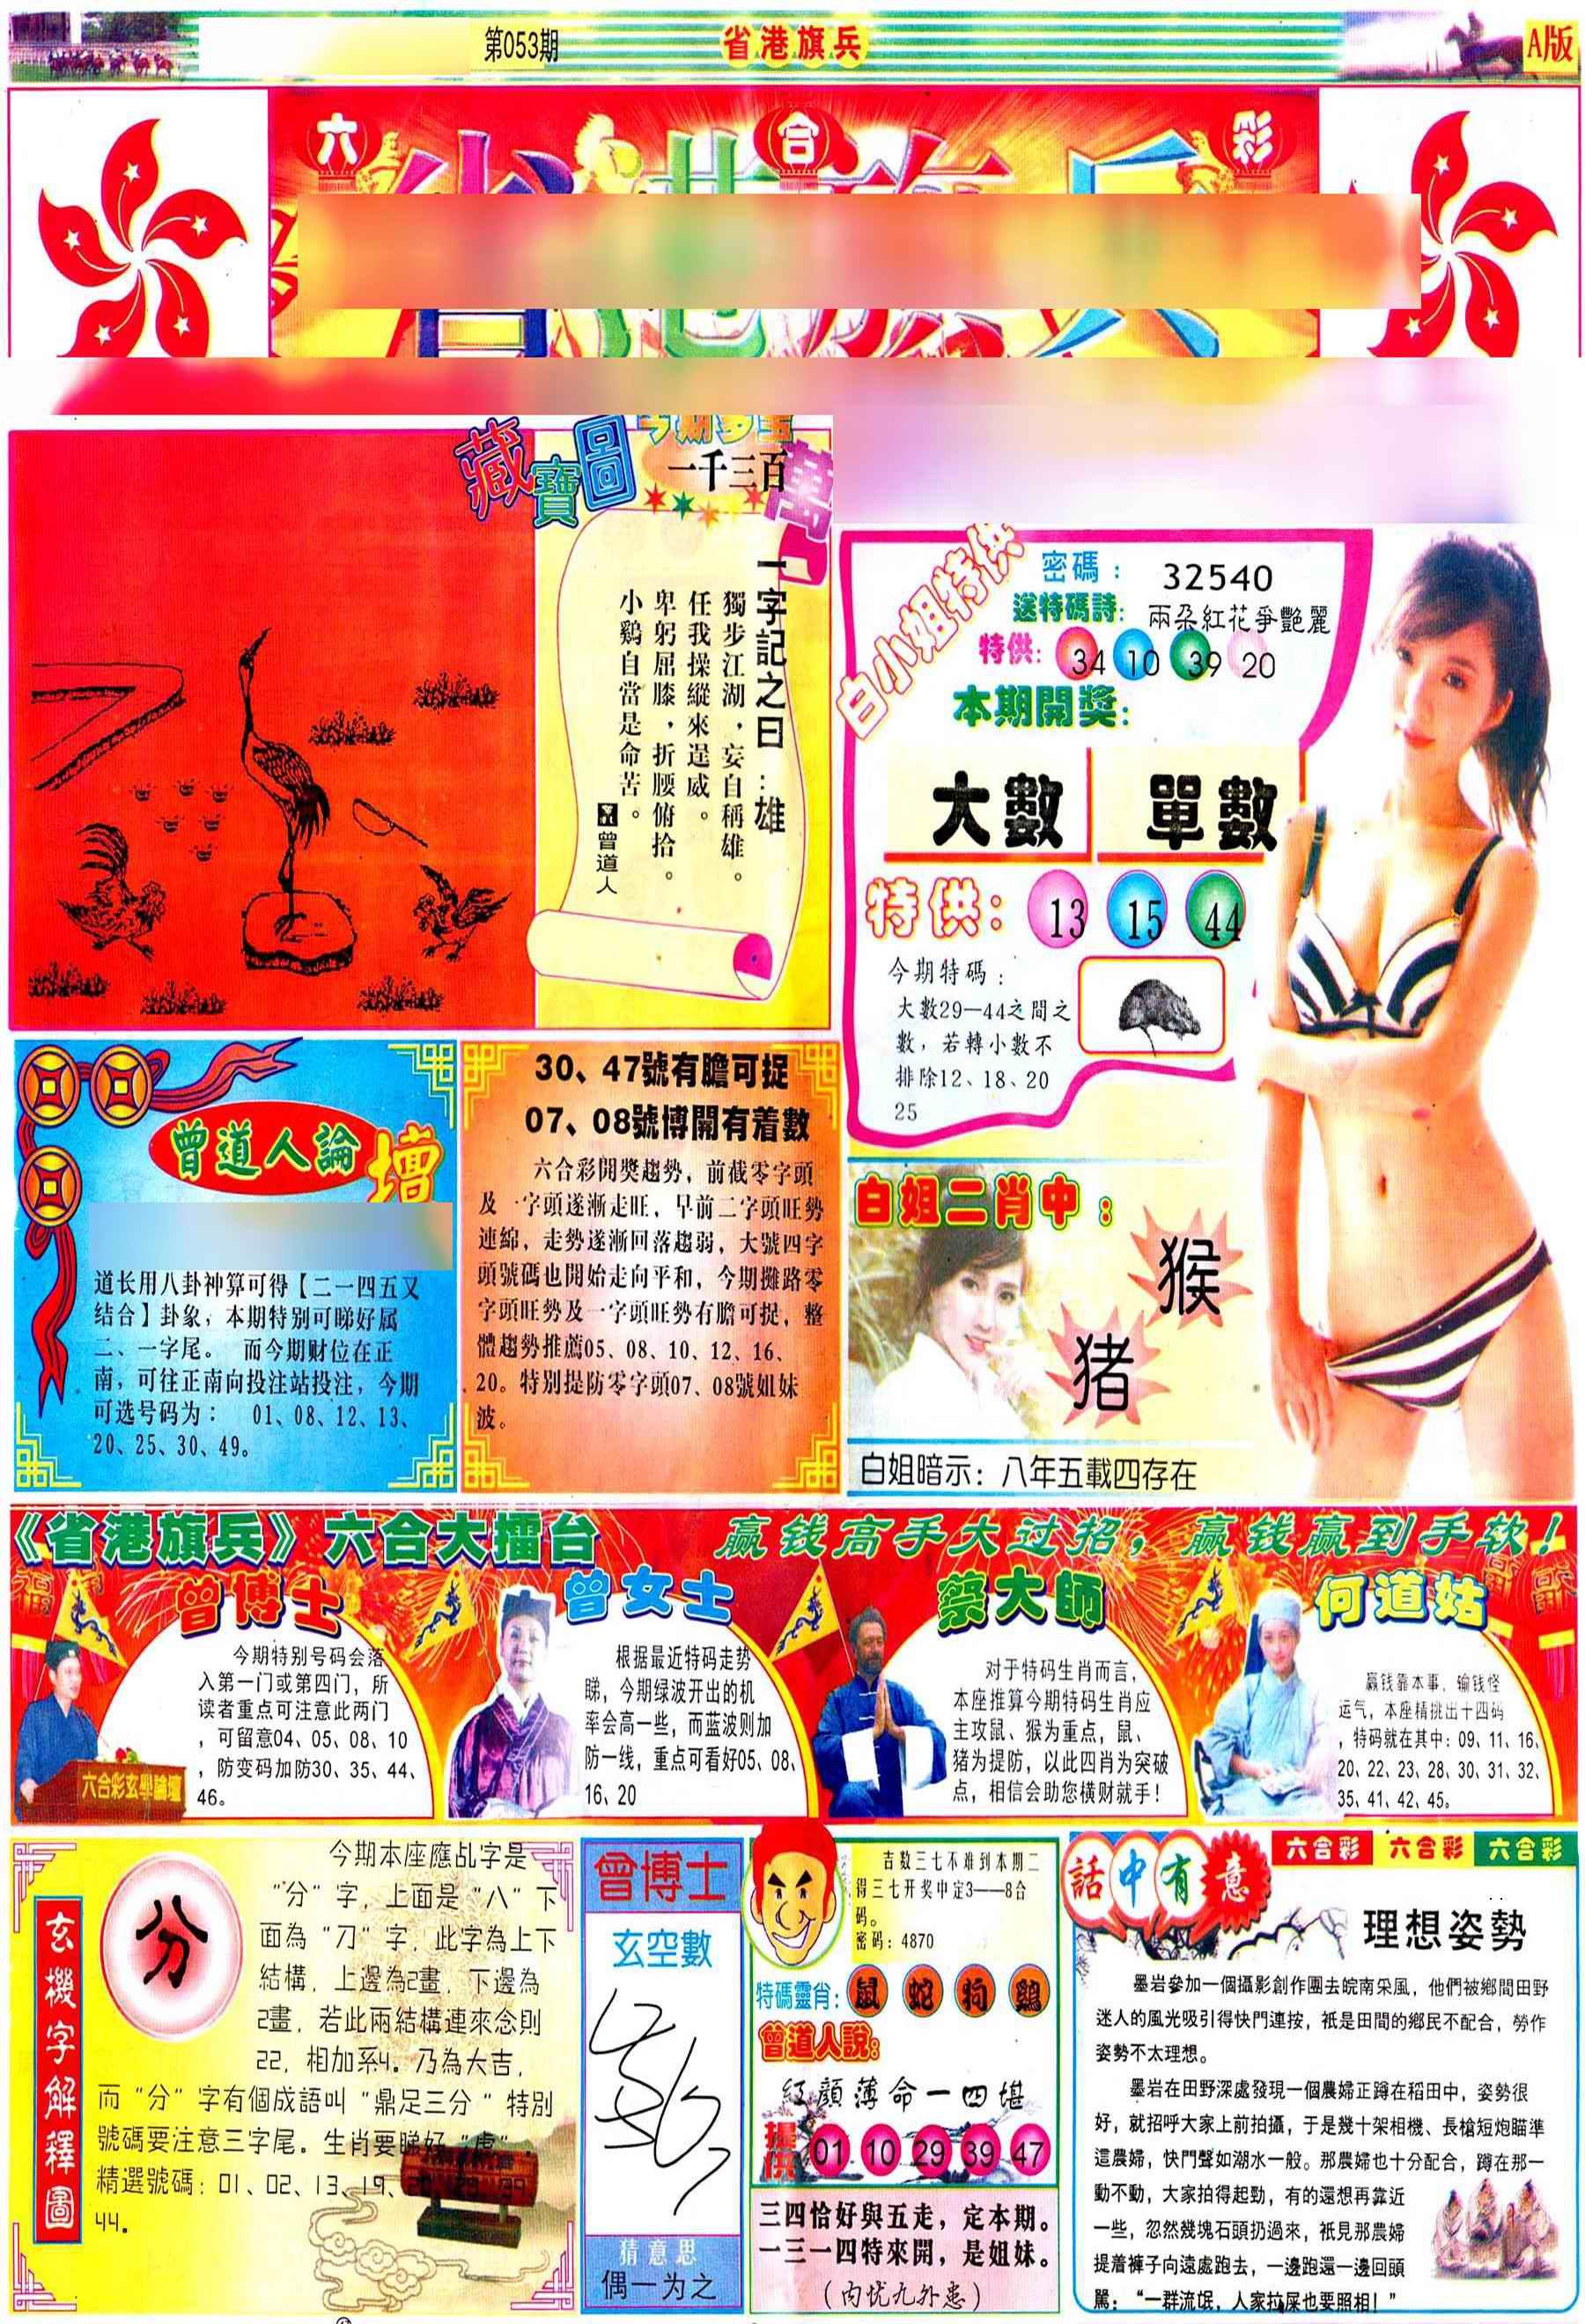 053期彩道A(保证香港版)